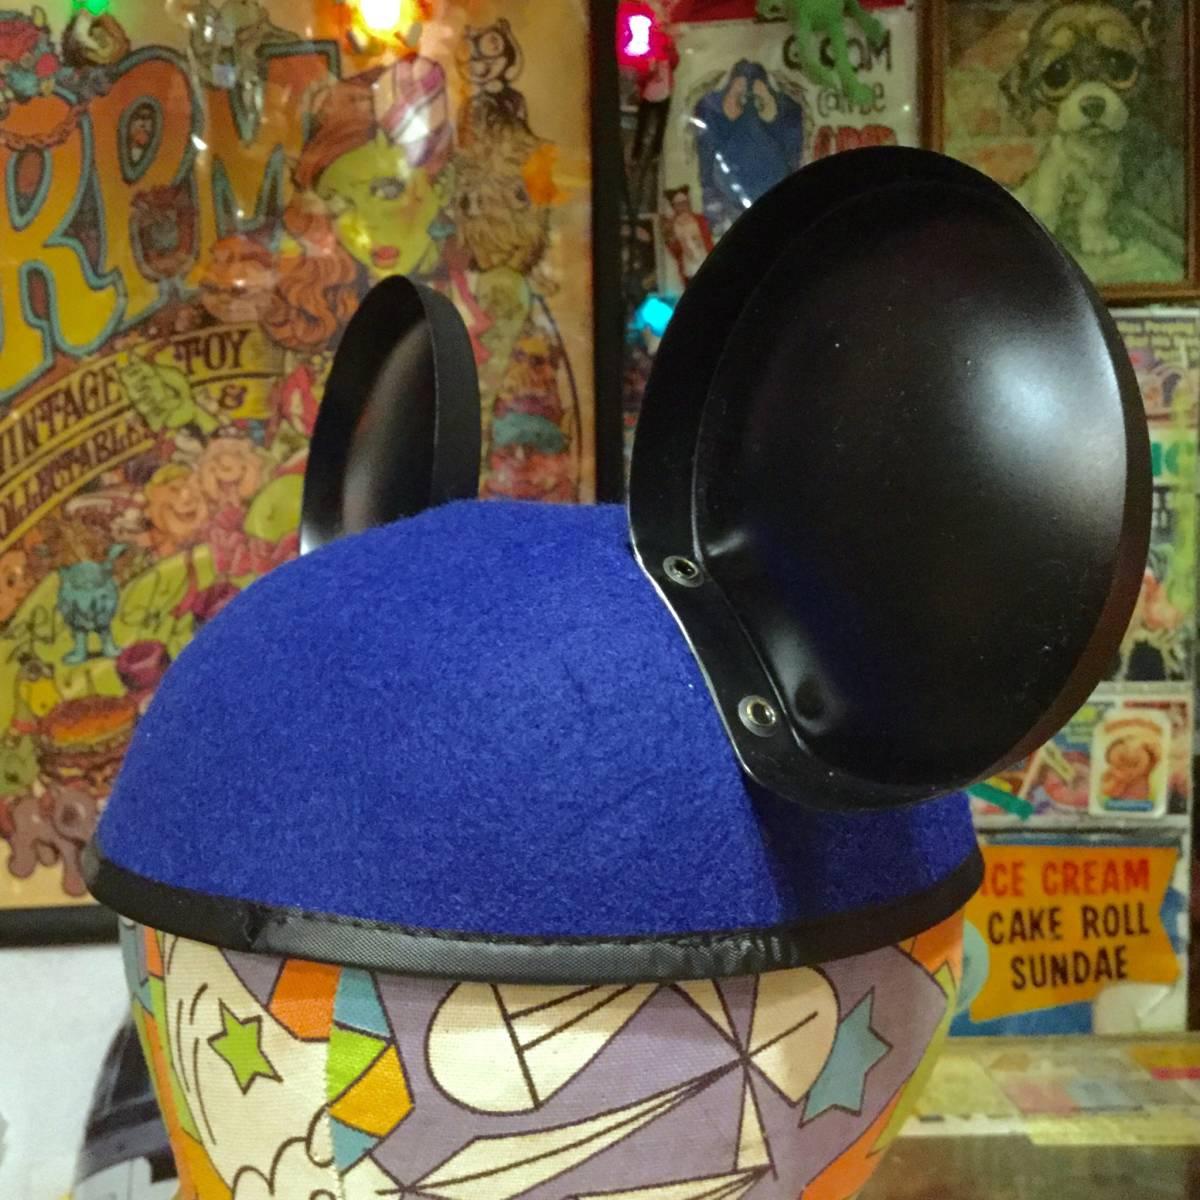 USA ディズニー ワールド 限定 ミッキーマウス イヤー ハット キャップ ブルー MICKEY MOUSE 耳付き 帽子 Disney World ディズニーランド _画像5